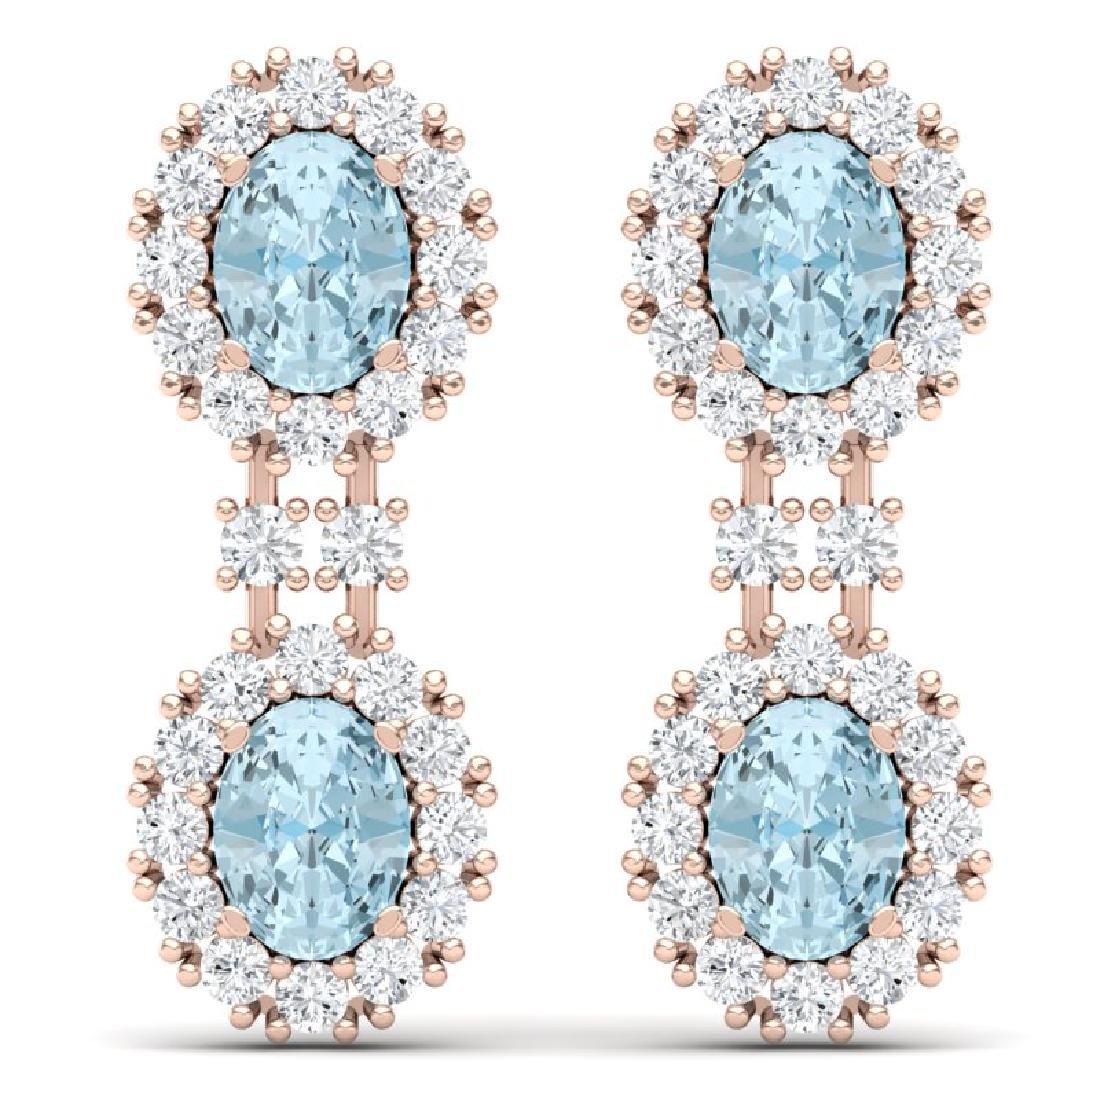 8.8 CTW Royalty Sky Topaz & VS Diamond Earrings 18K